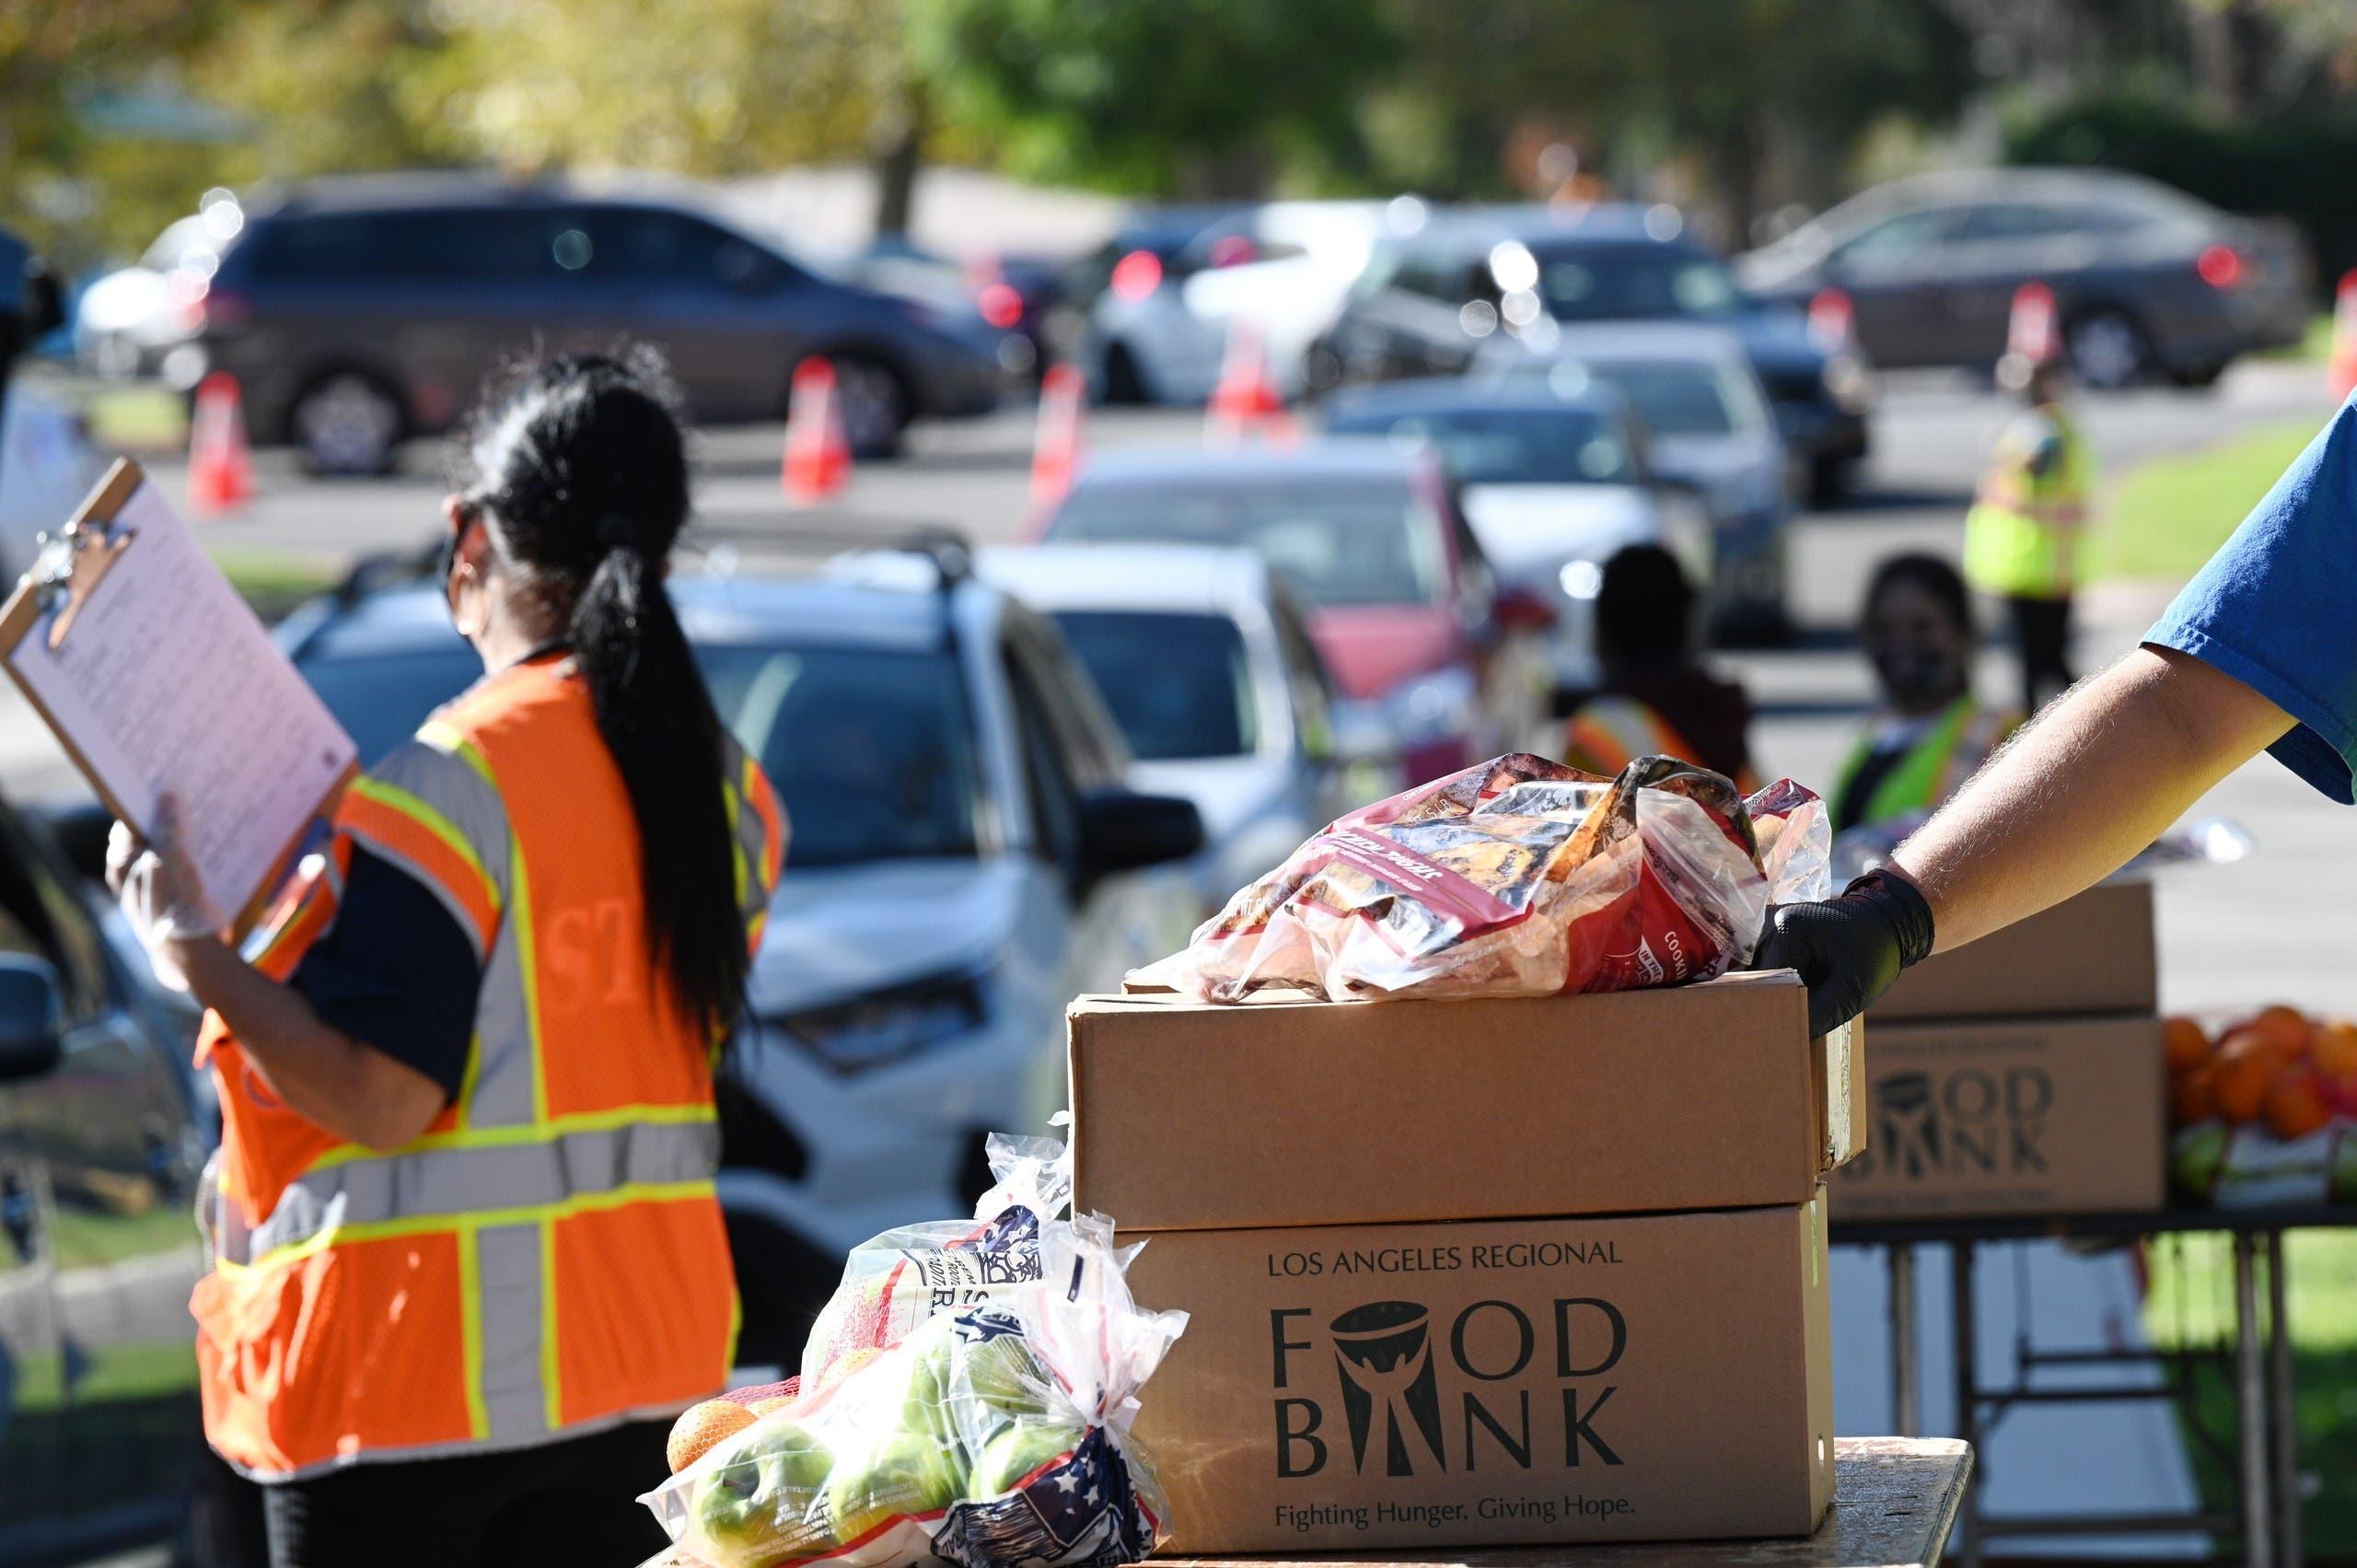 داوطلبان در 1 دسامبر سال 2020 در لس آنجلس برای افرادی که از غذا مطمئن نیستند غذا توزیع می کنند